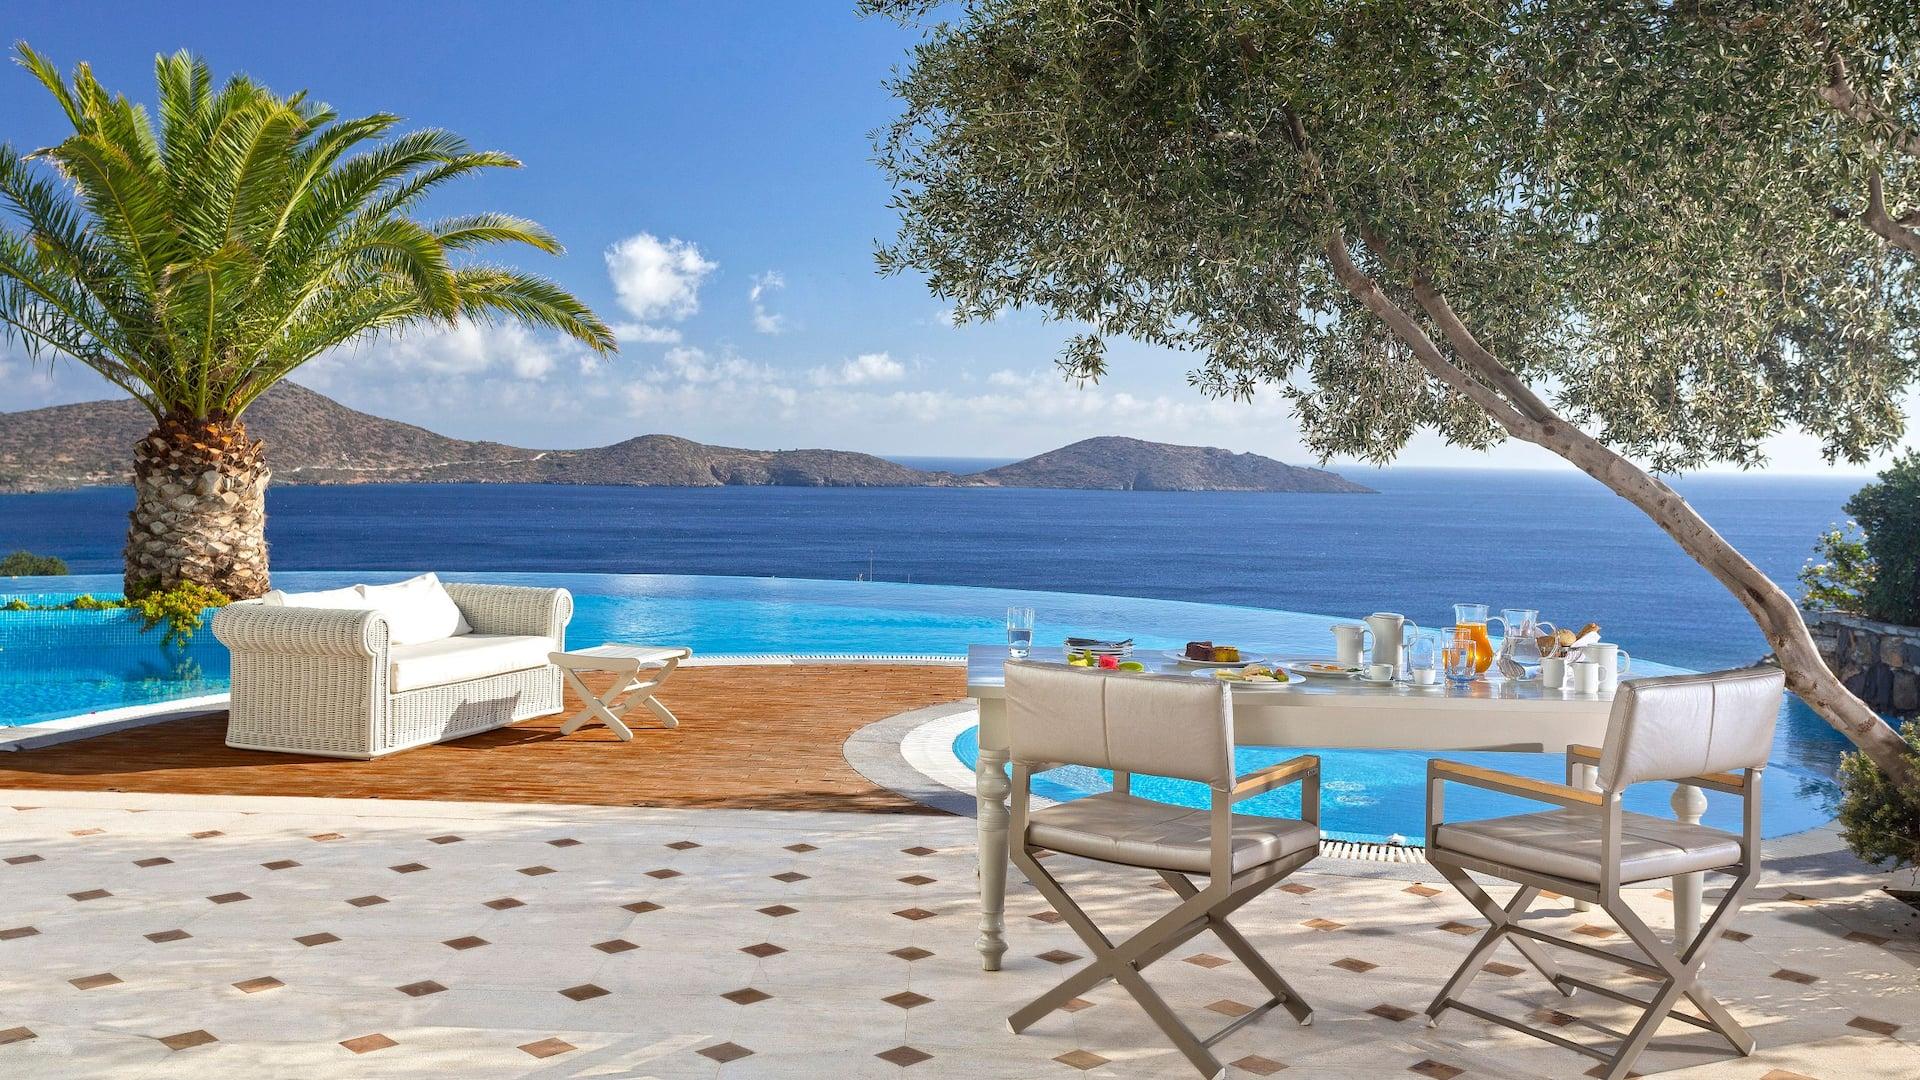 Elounda Gulf Villas and Suites Presidential Spa Pool Villa